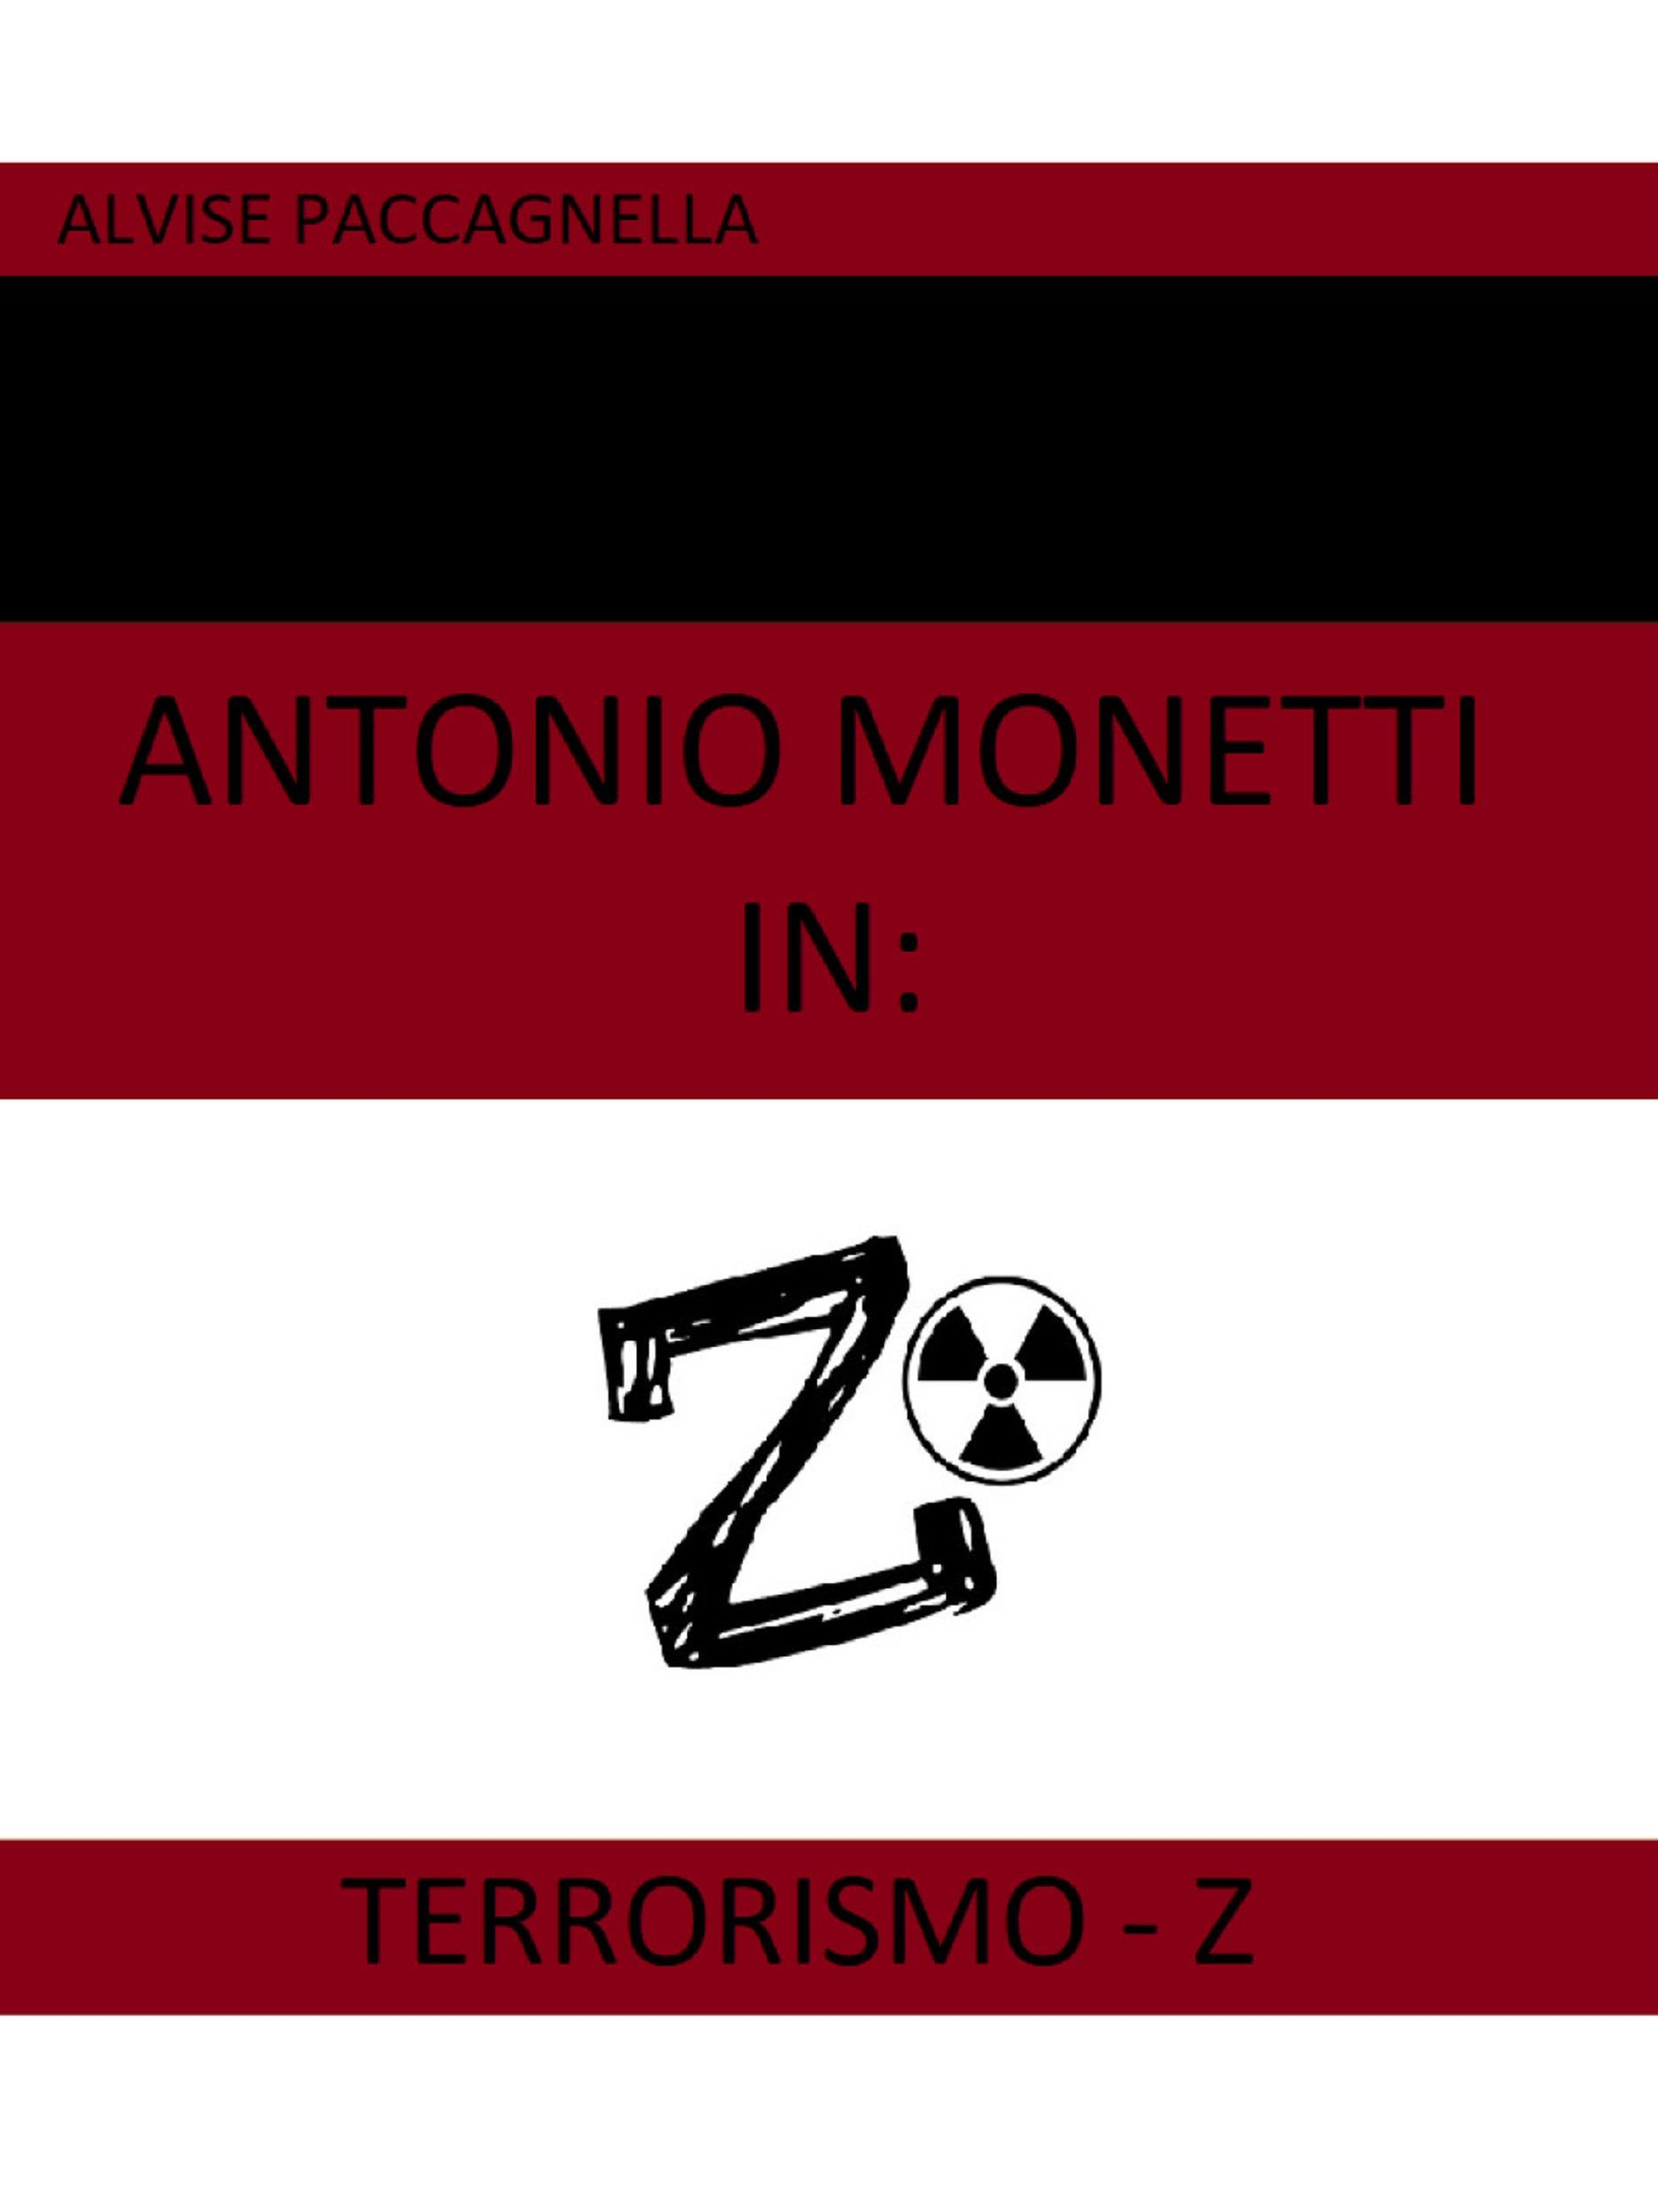 Antonio Monetti in: Terrorismo-Z